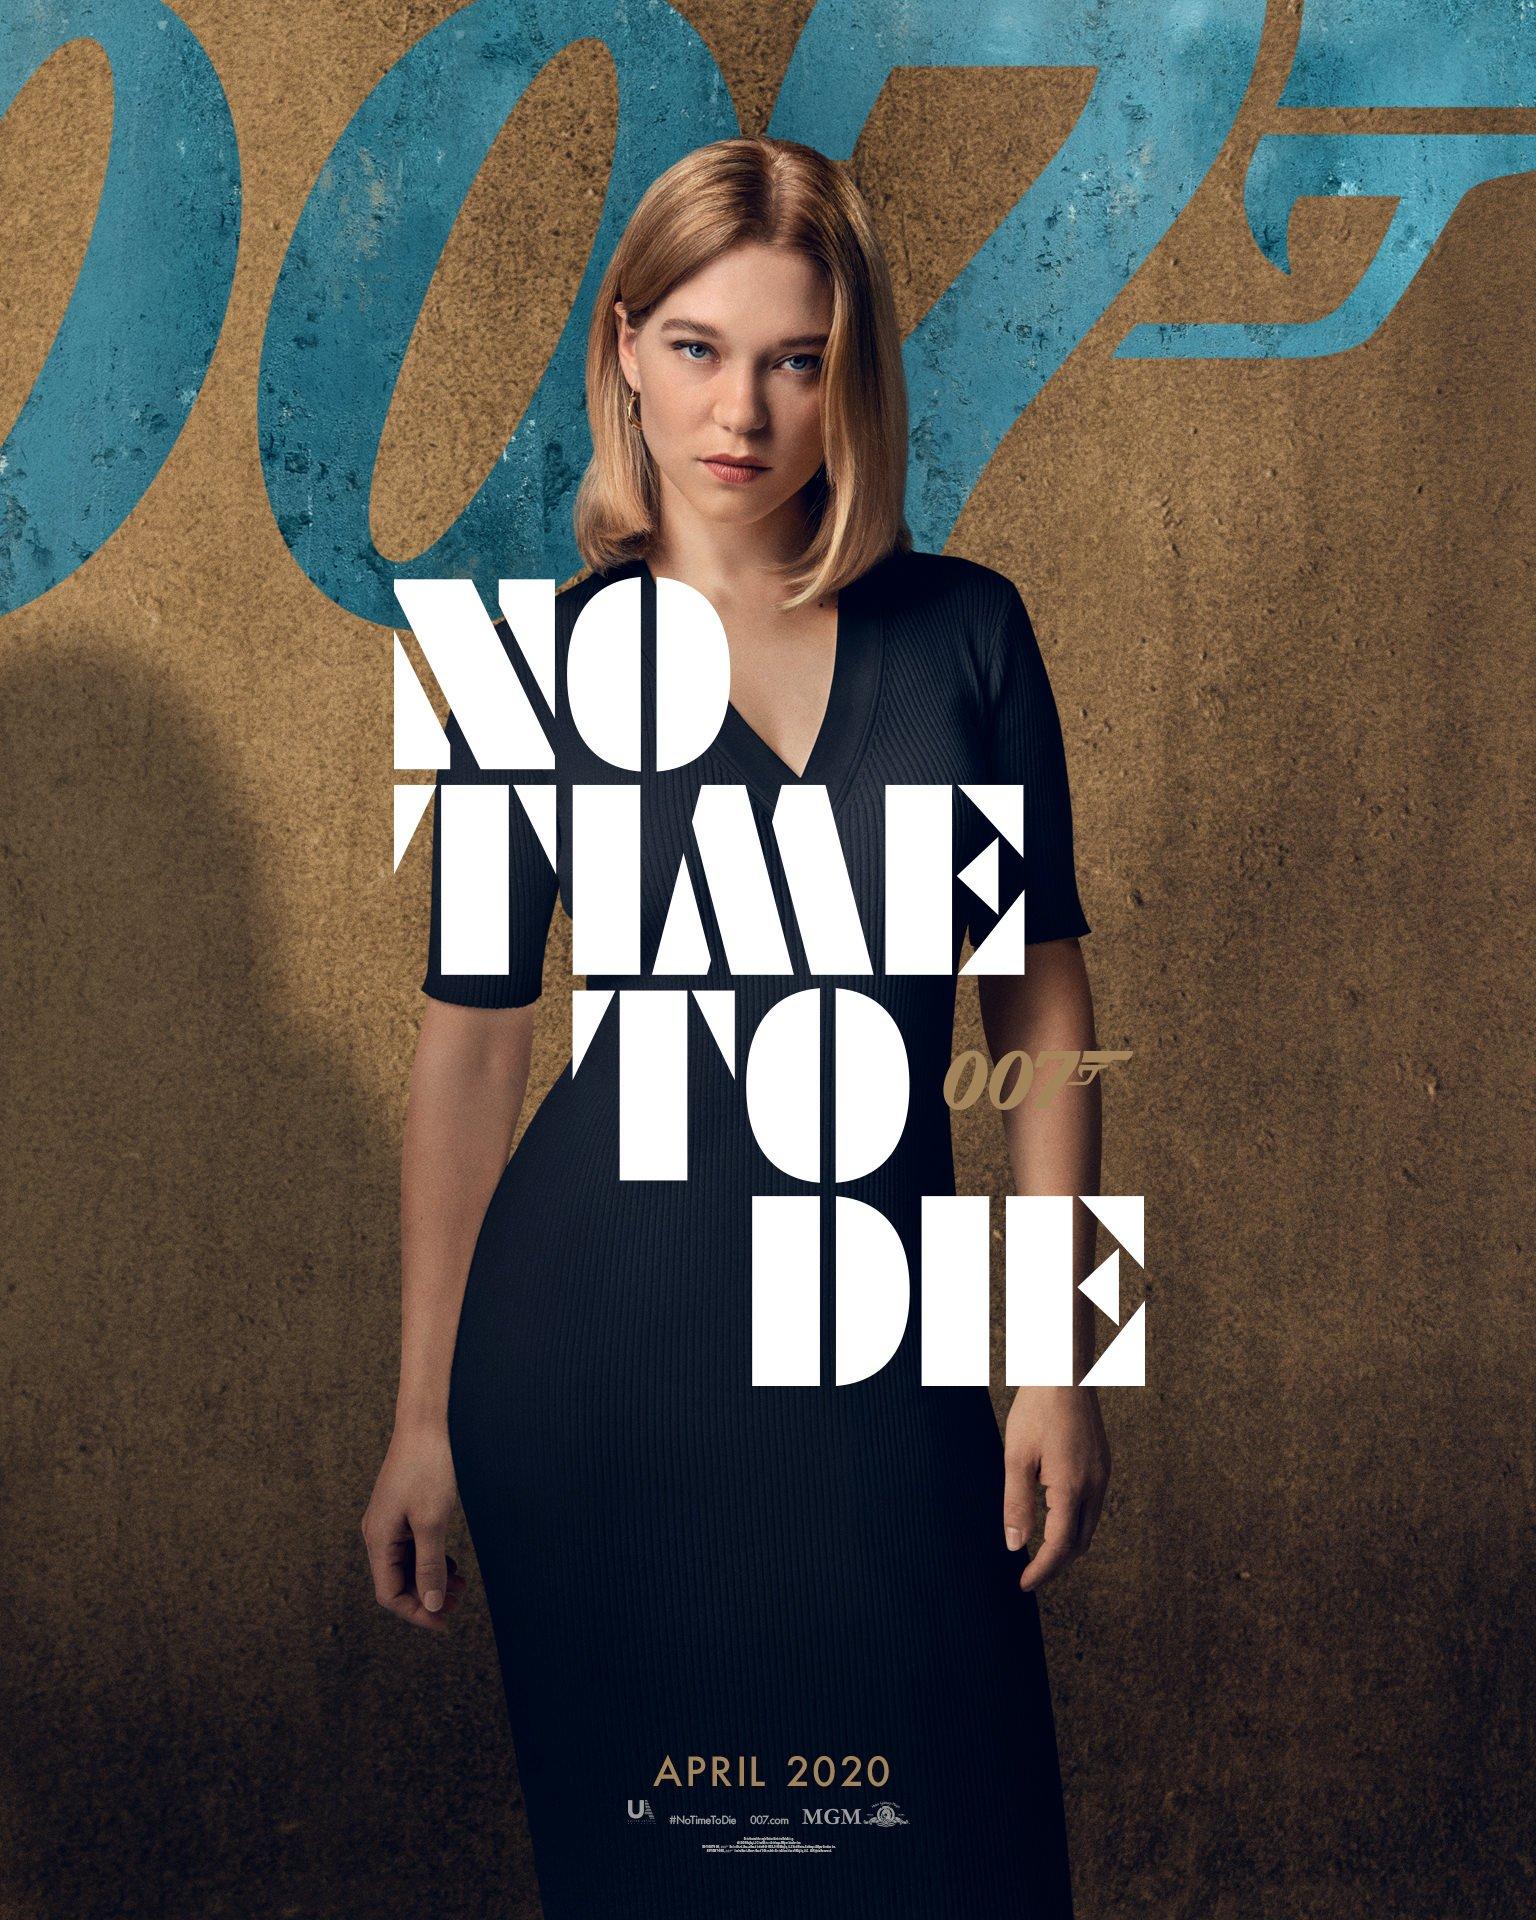 25 - No Time To Die - 2020 - Page 5 EK9FueVXsAAf_iE?format=jpg&name=large